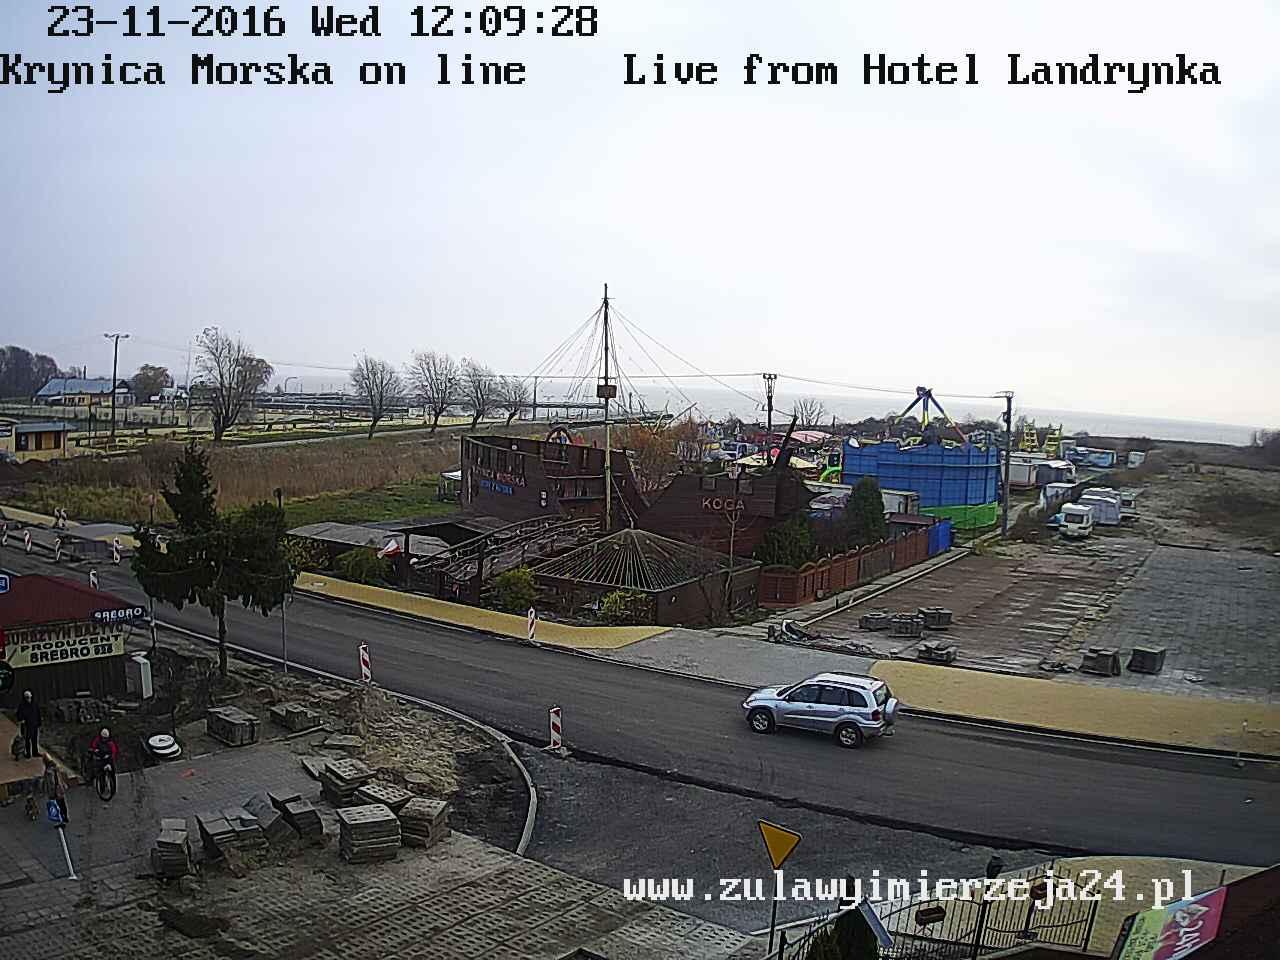 Krynica Morska zalew wiślany aktualna pogoda, hotel landrynka